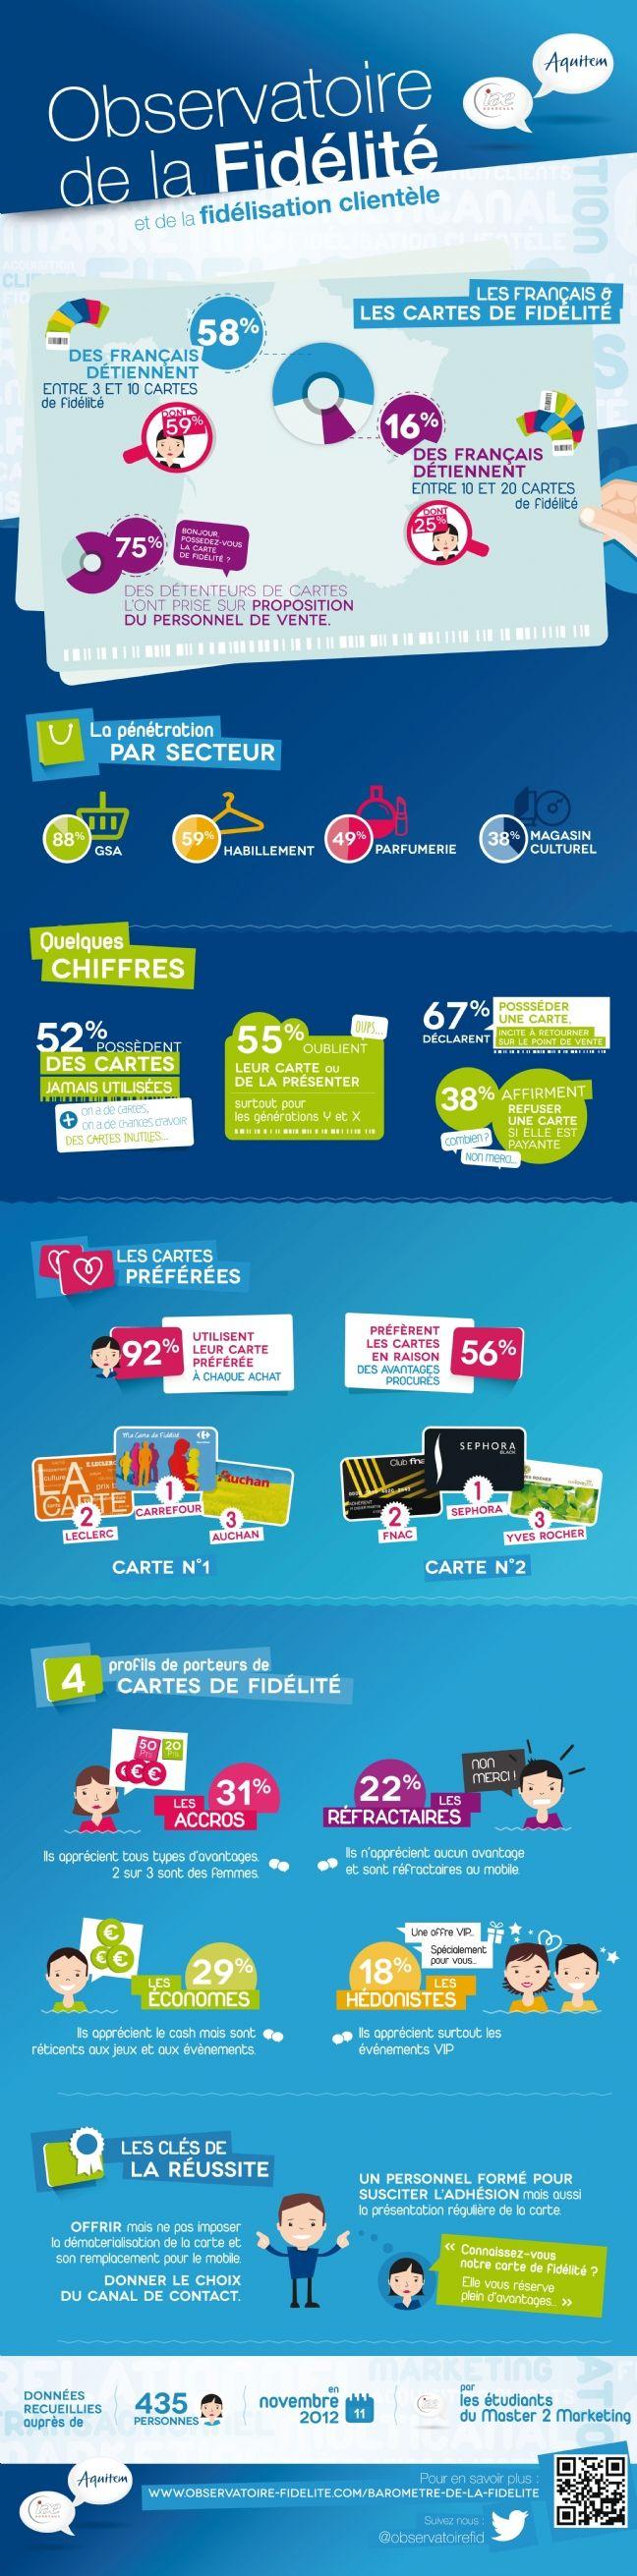 Observatoire de la Fidélité : Les Français et les cartes de fidélité - Infographics : Marketing